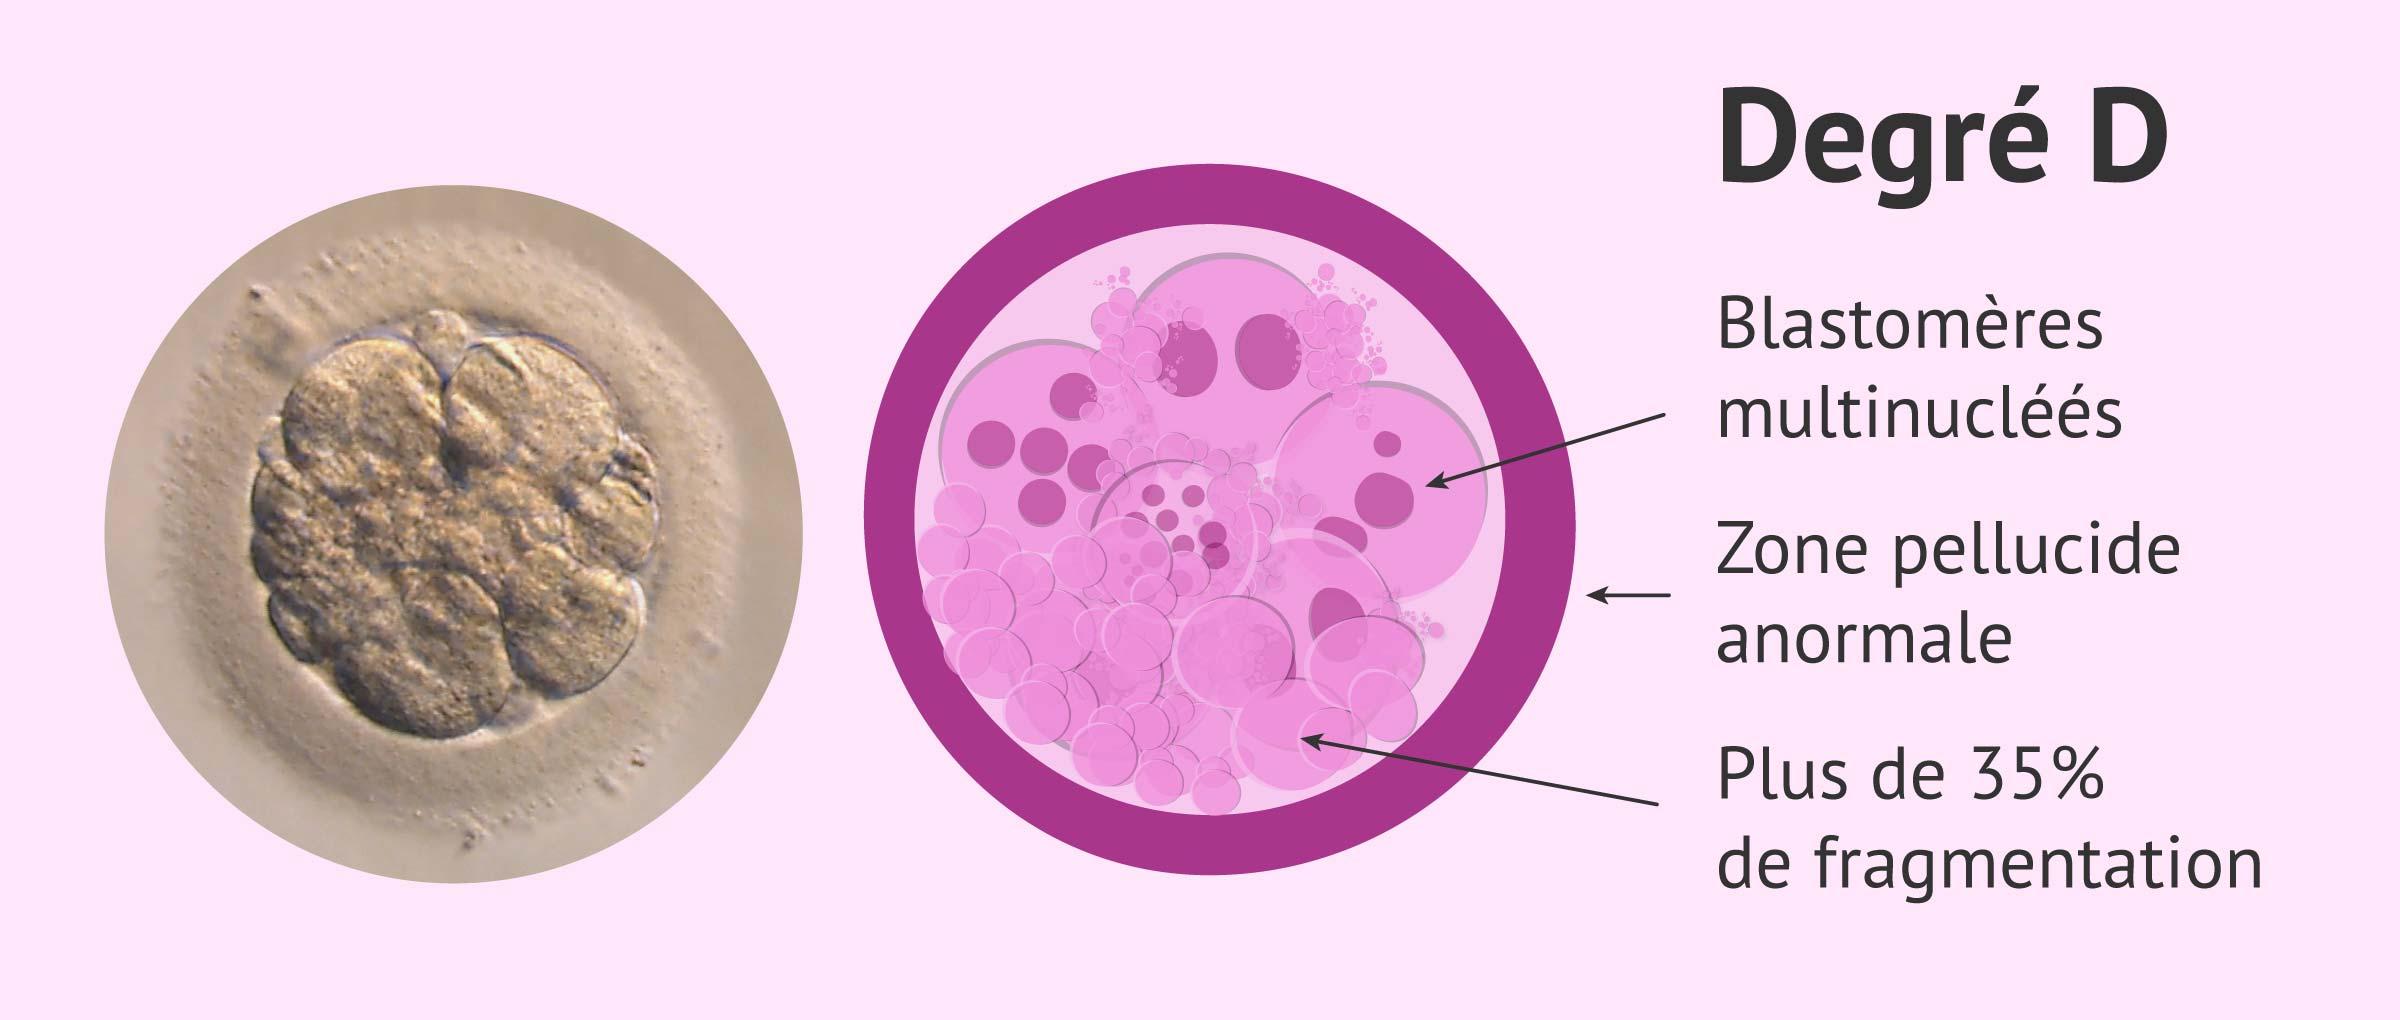 Imagen: Embryo qualité D